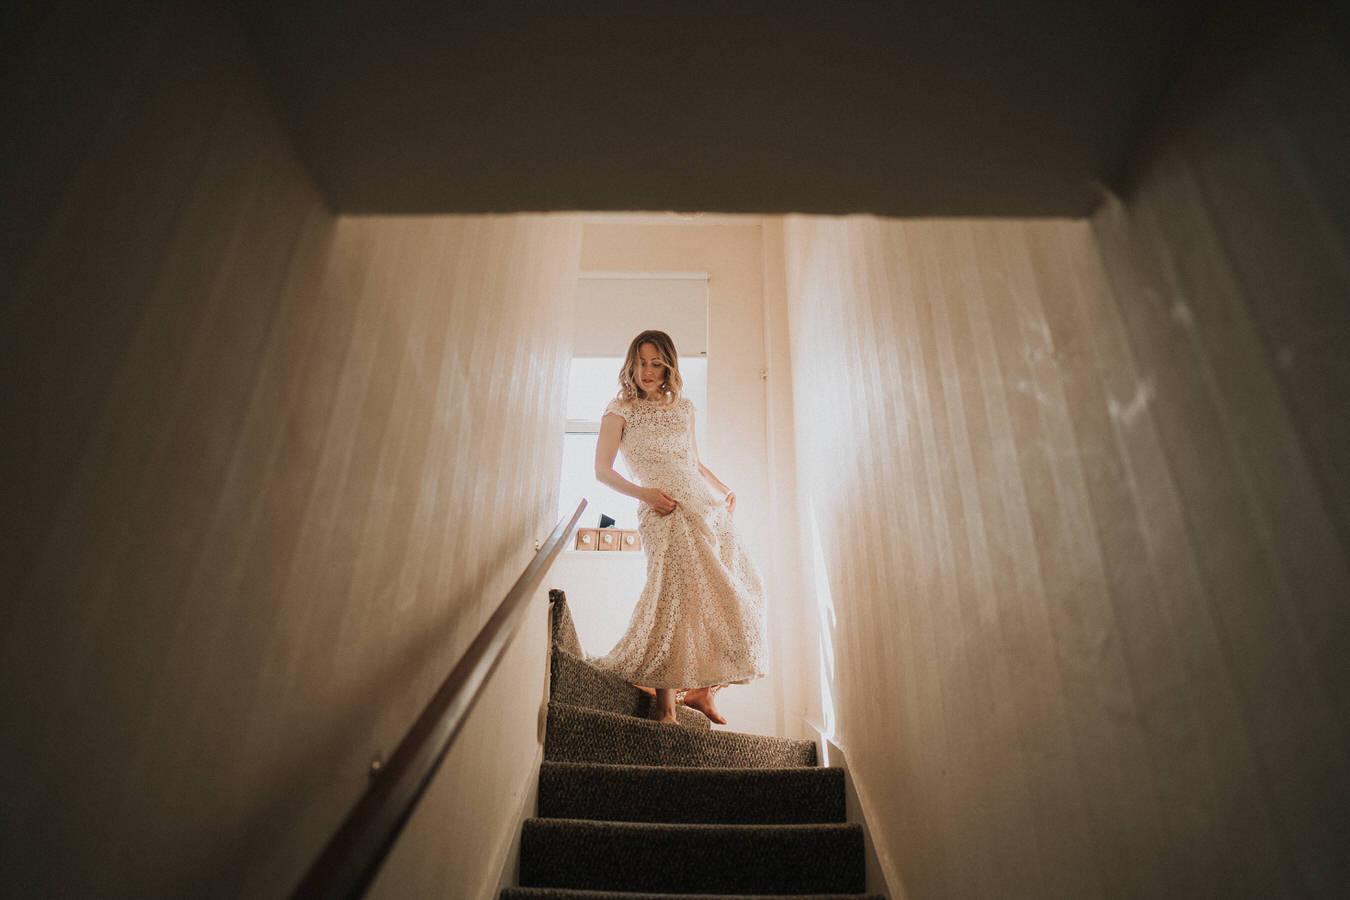 The-Station-House-wedding-Dublin-photographer- 0017 17